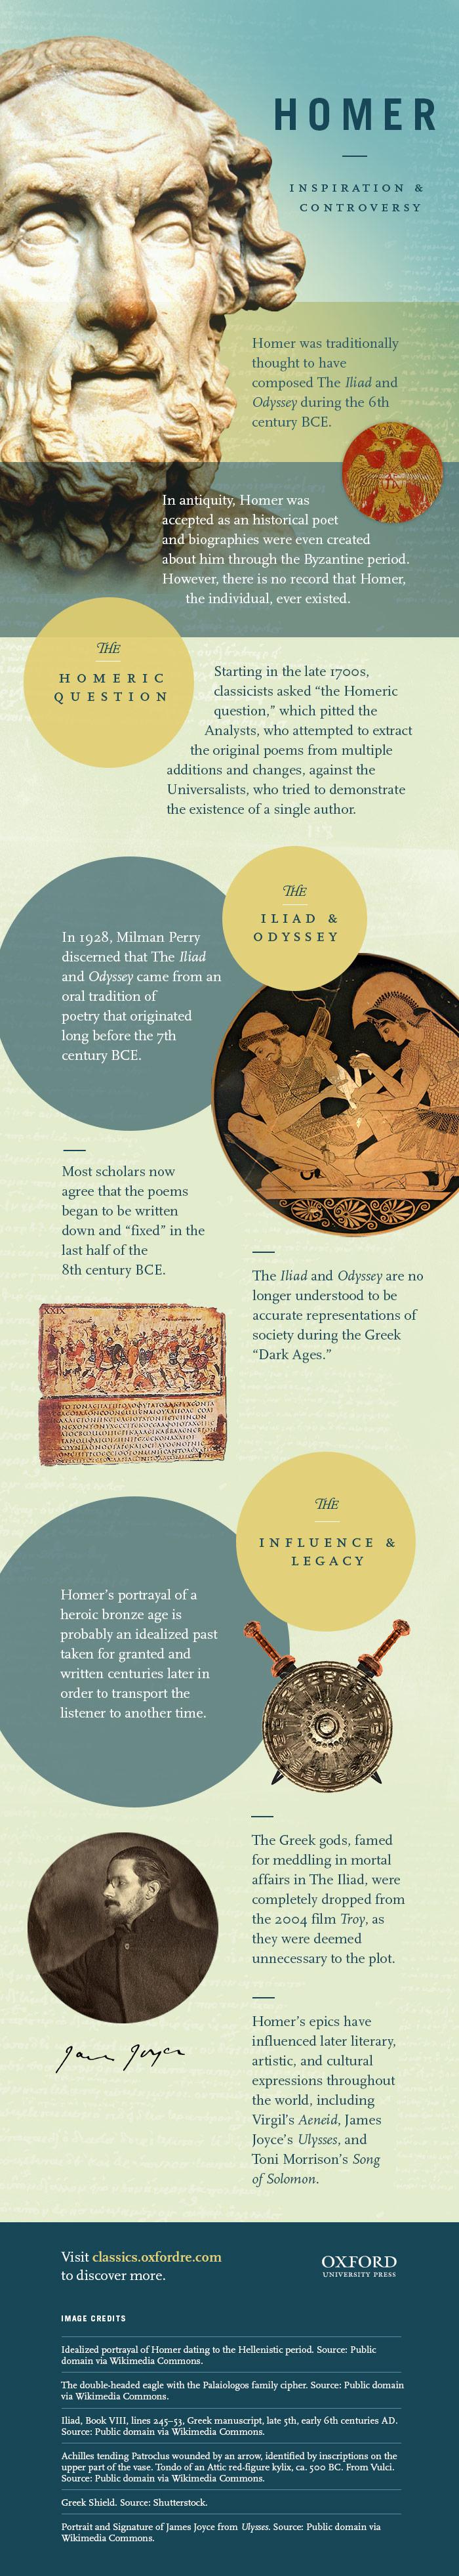 ocd-infographic_homer_r5